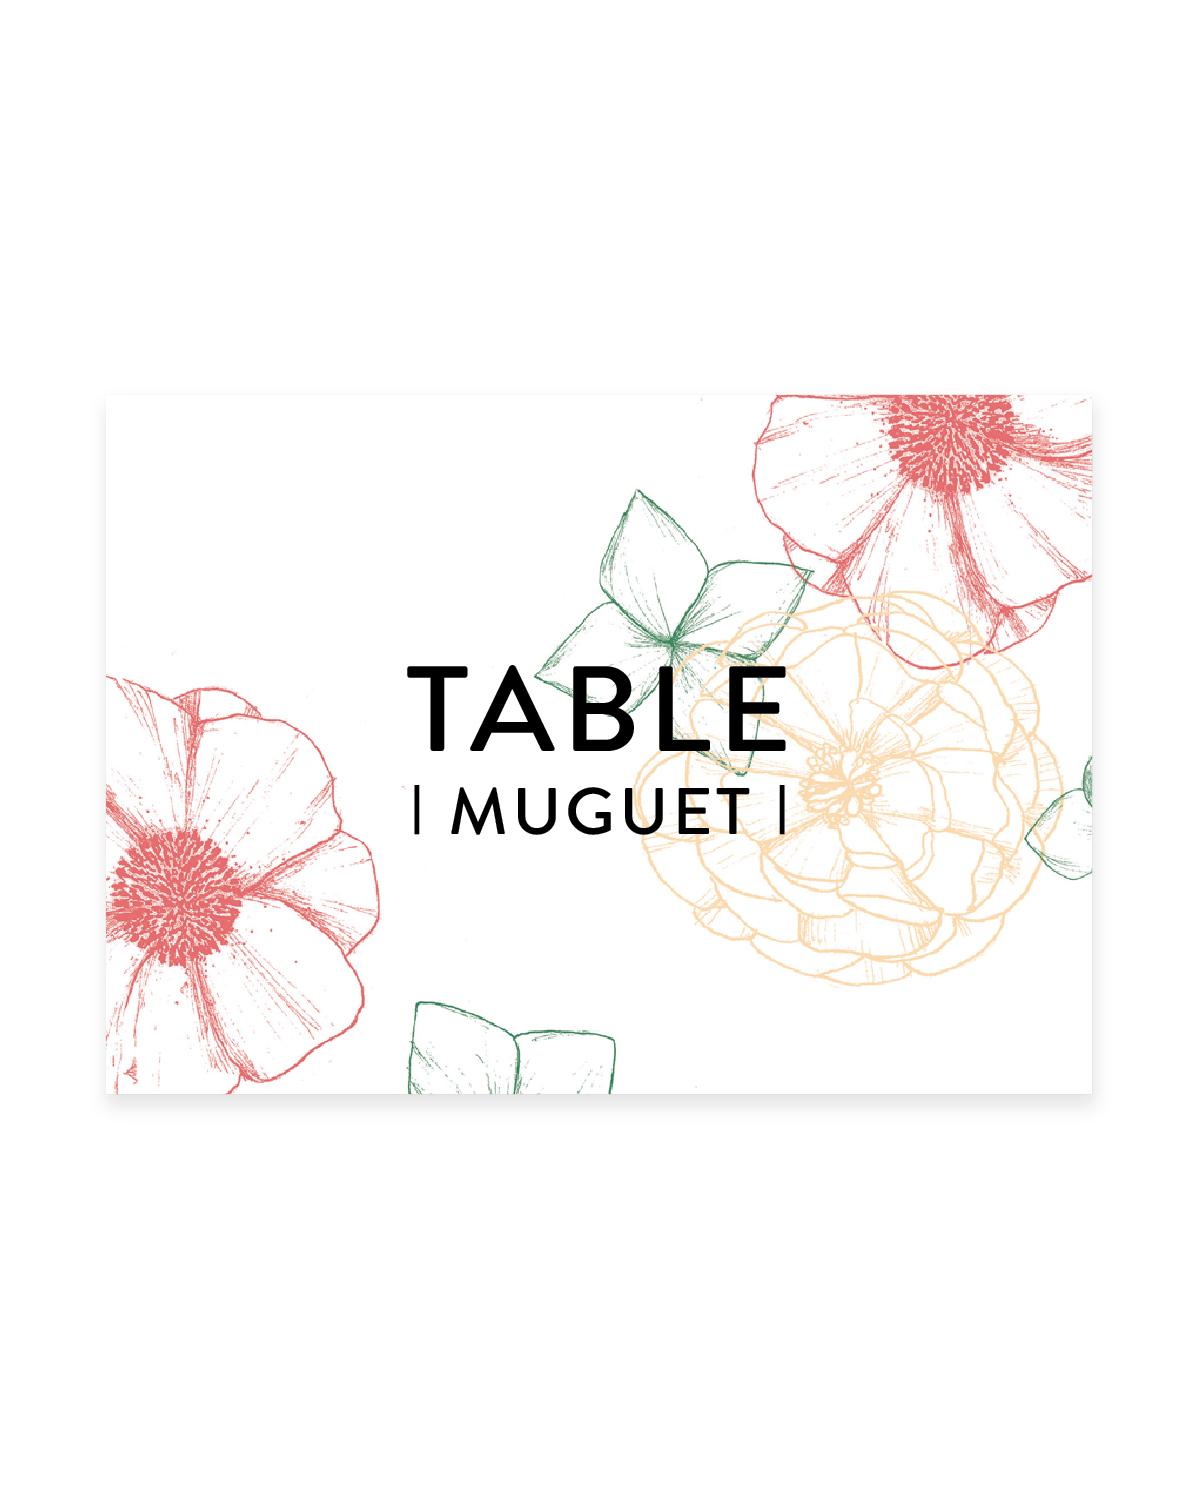 Les Noms de Table